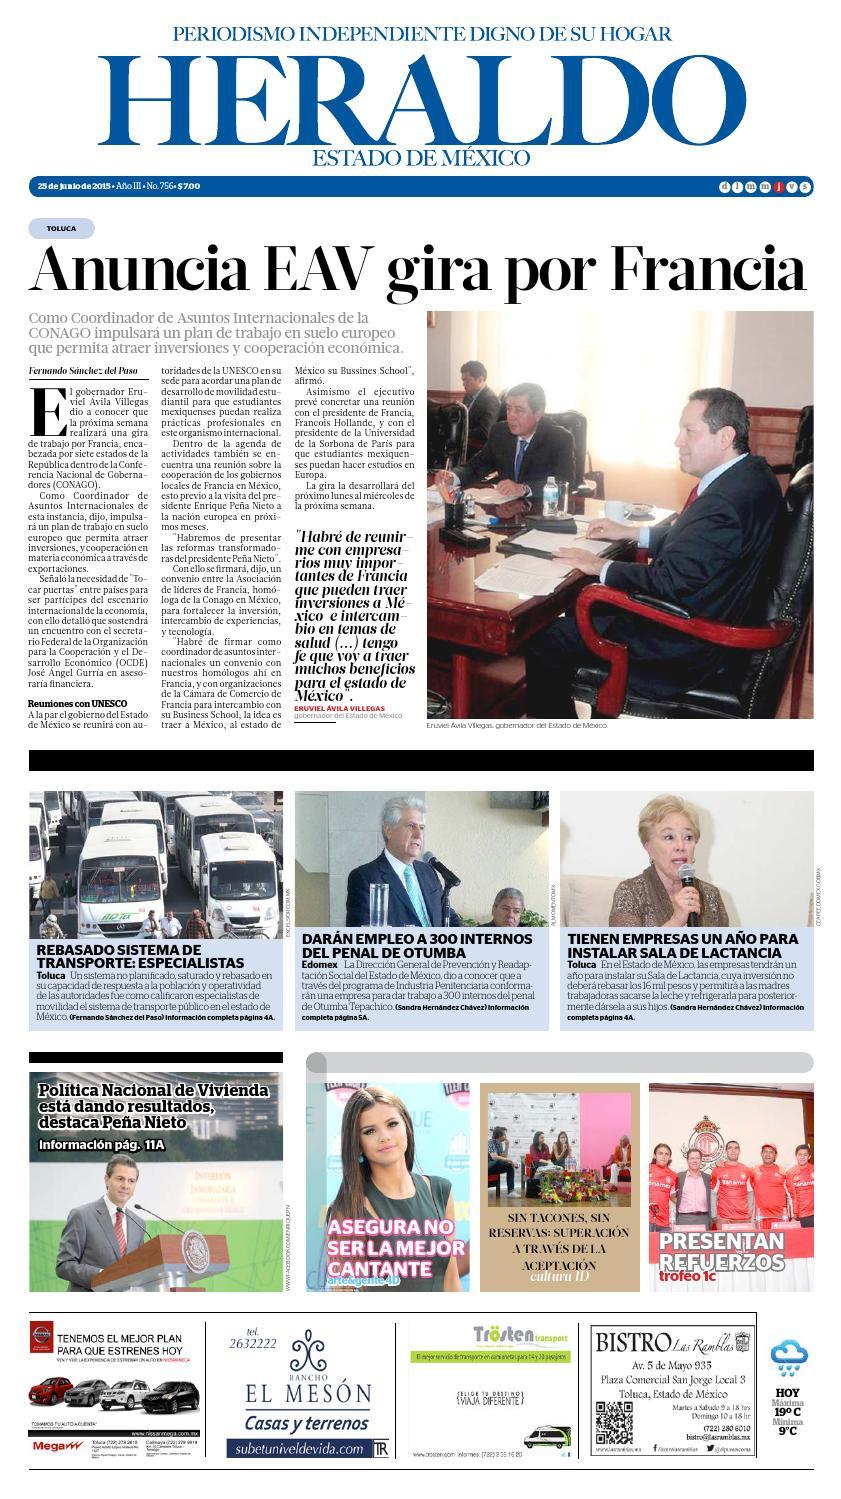 Jueves 25 junio by Heraldo Estado de México - issuu